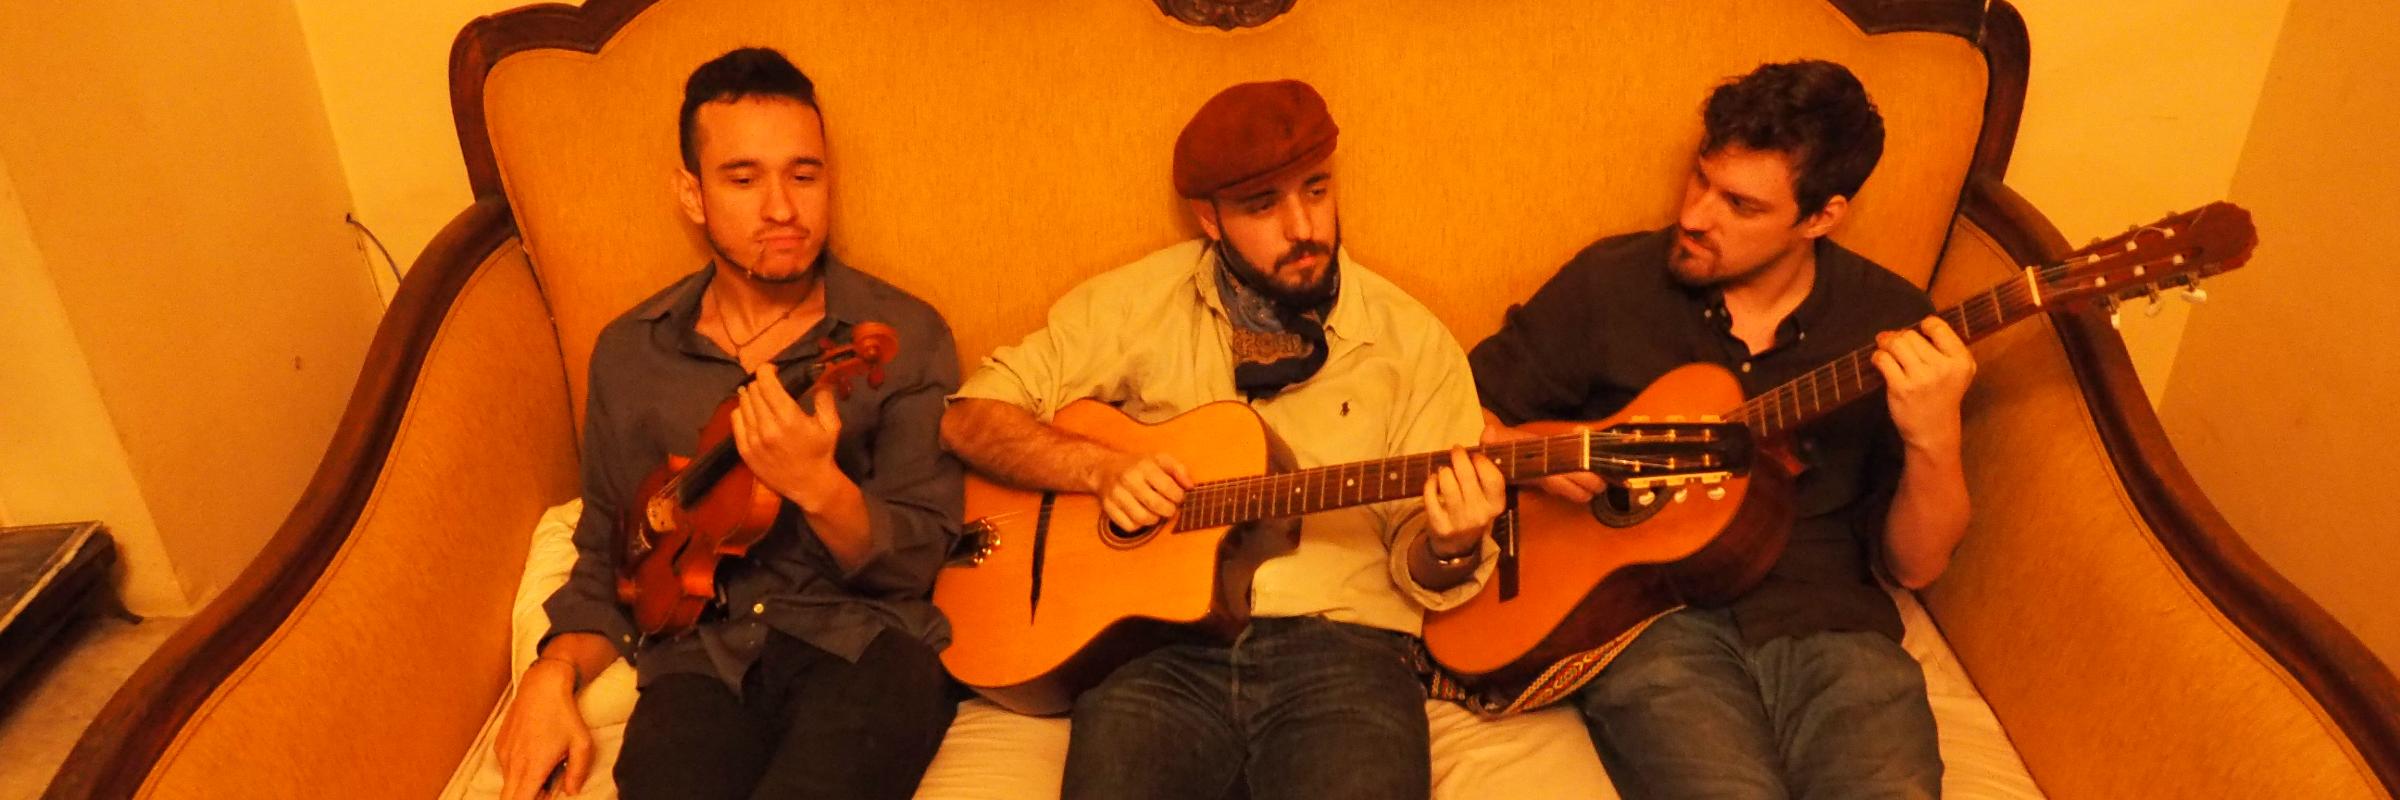 Mango Swing, groupe de musique Jazz en représentation à Gironde - photo de couverture n° 4